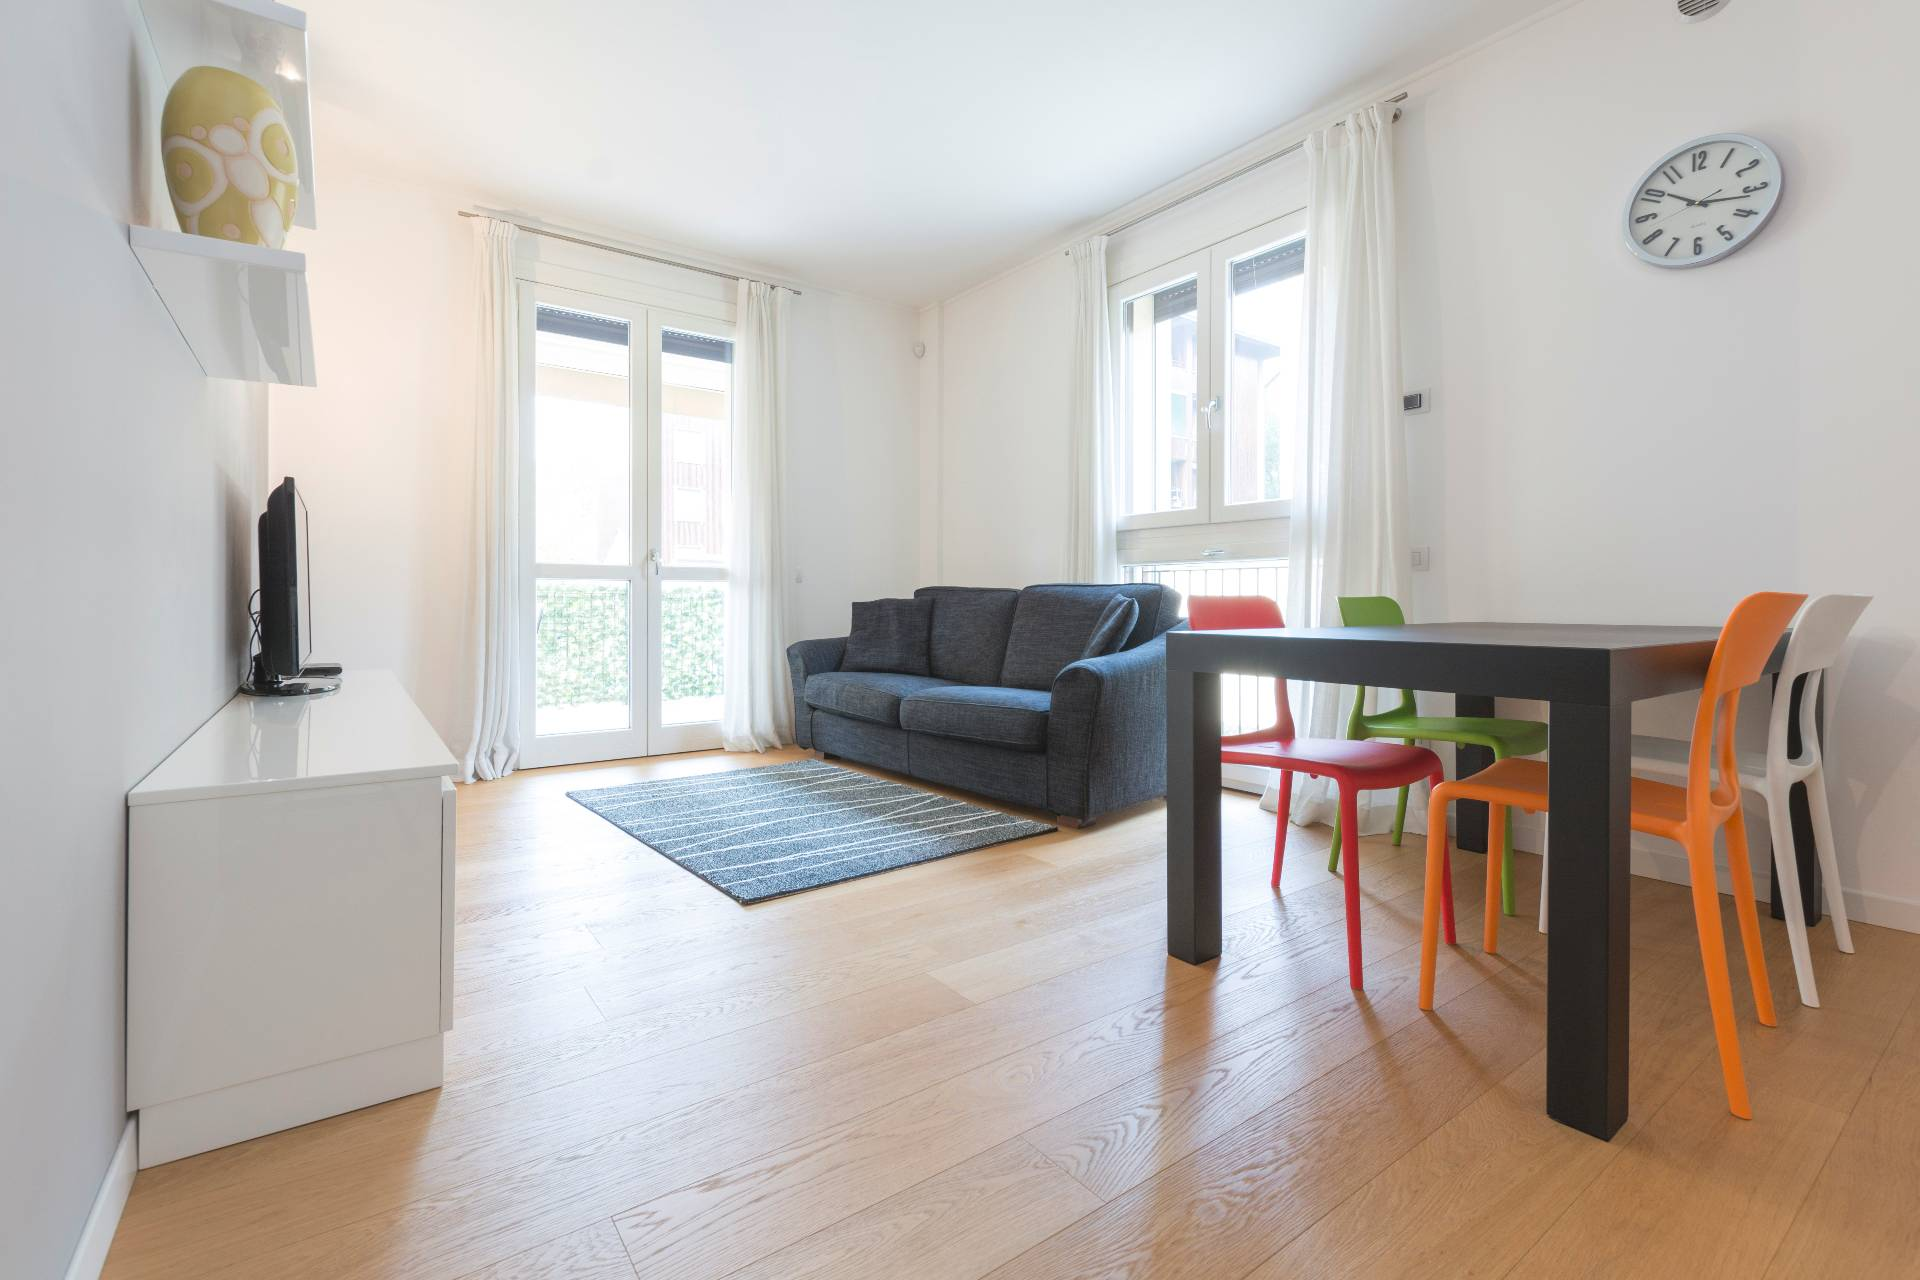 Appartamento in vendita a Milano, 3 locali, zona Zona: 17 . Quarto Oggiaro, Villapizzone, Certosa, Vialba, prezzo € 235.000 | CambioCasa.it